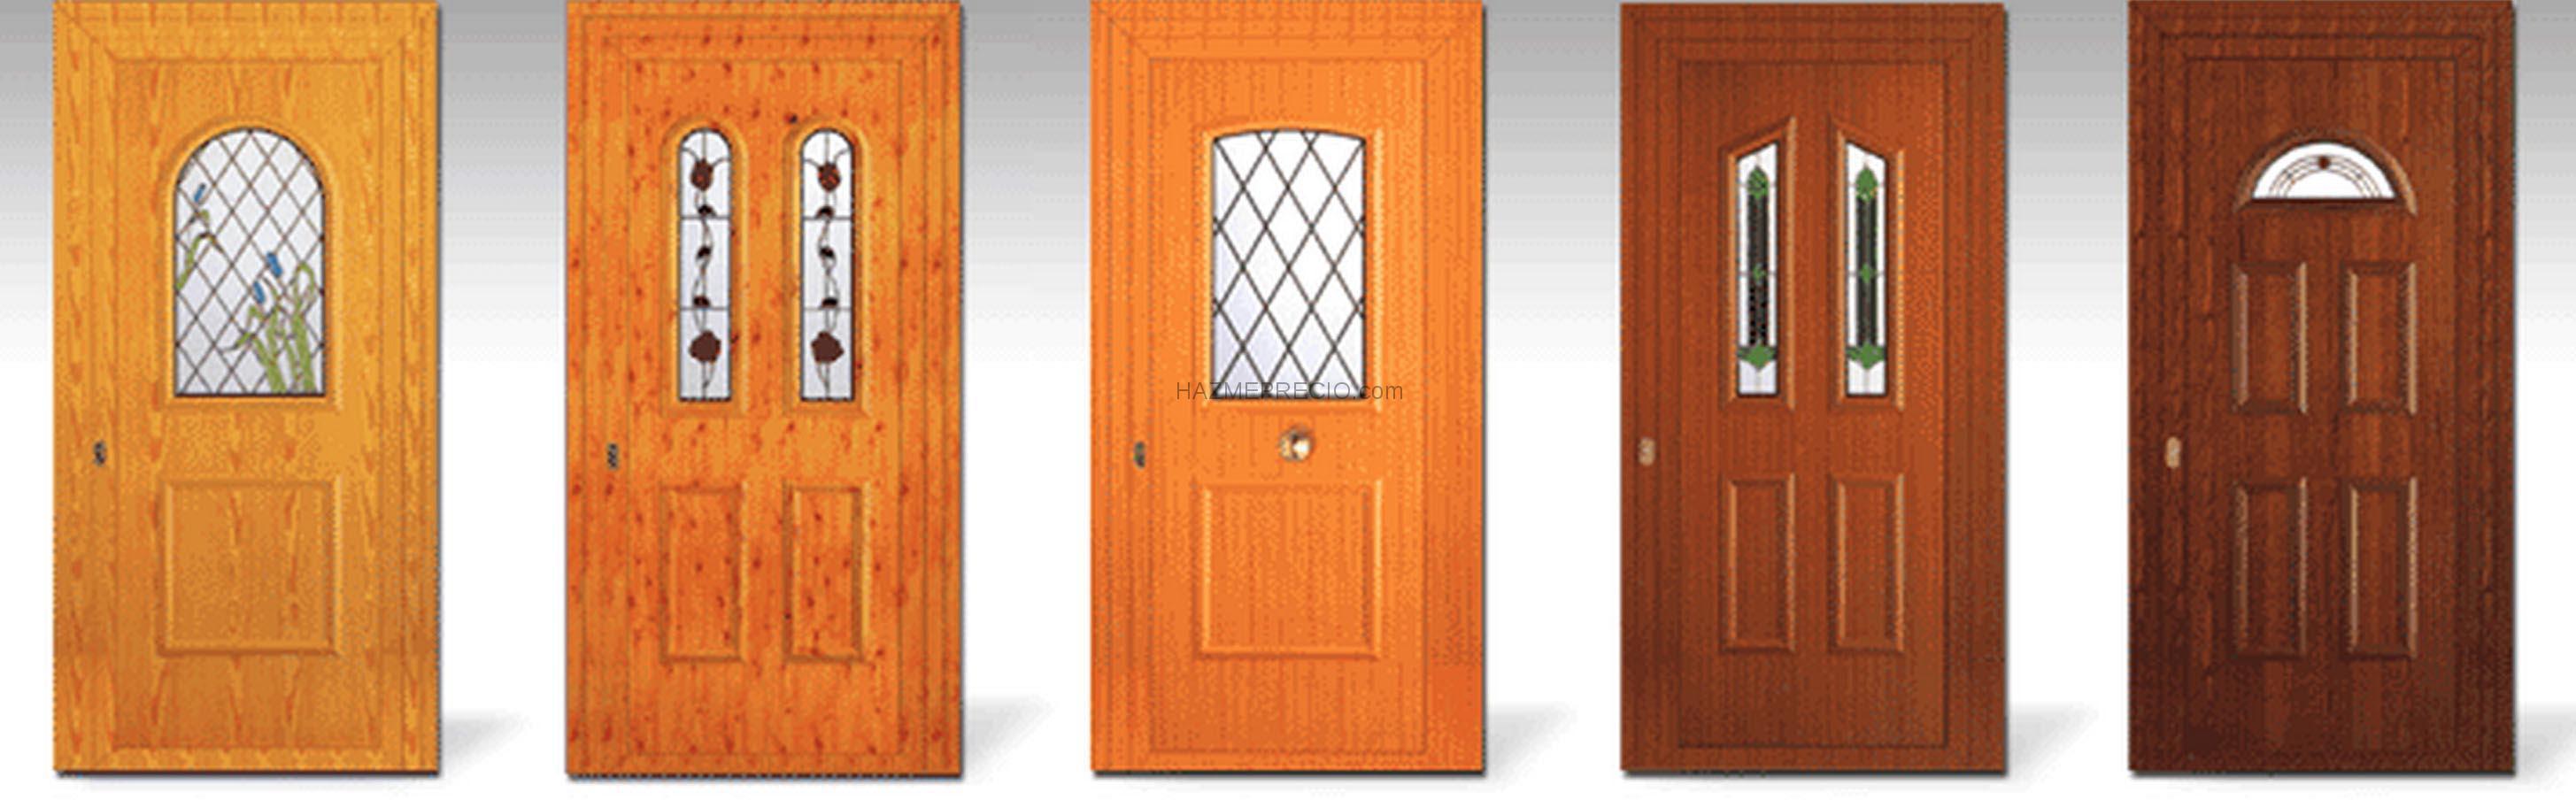 Imagenes de puertas de aluminio para ba o for Puertas metalicas para cocina